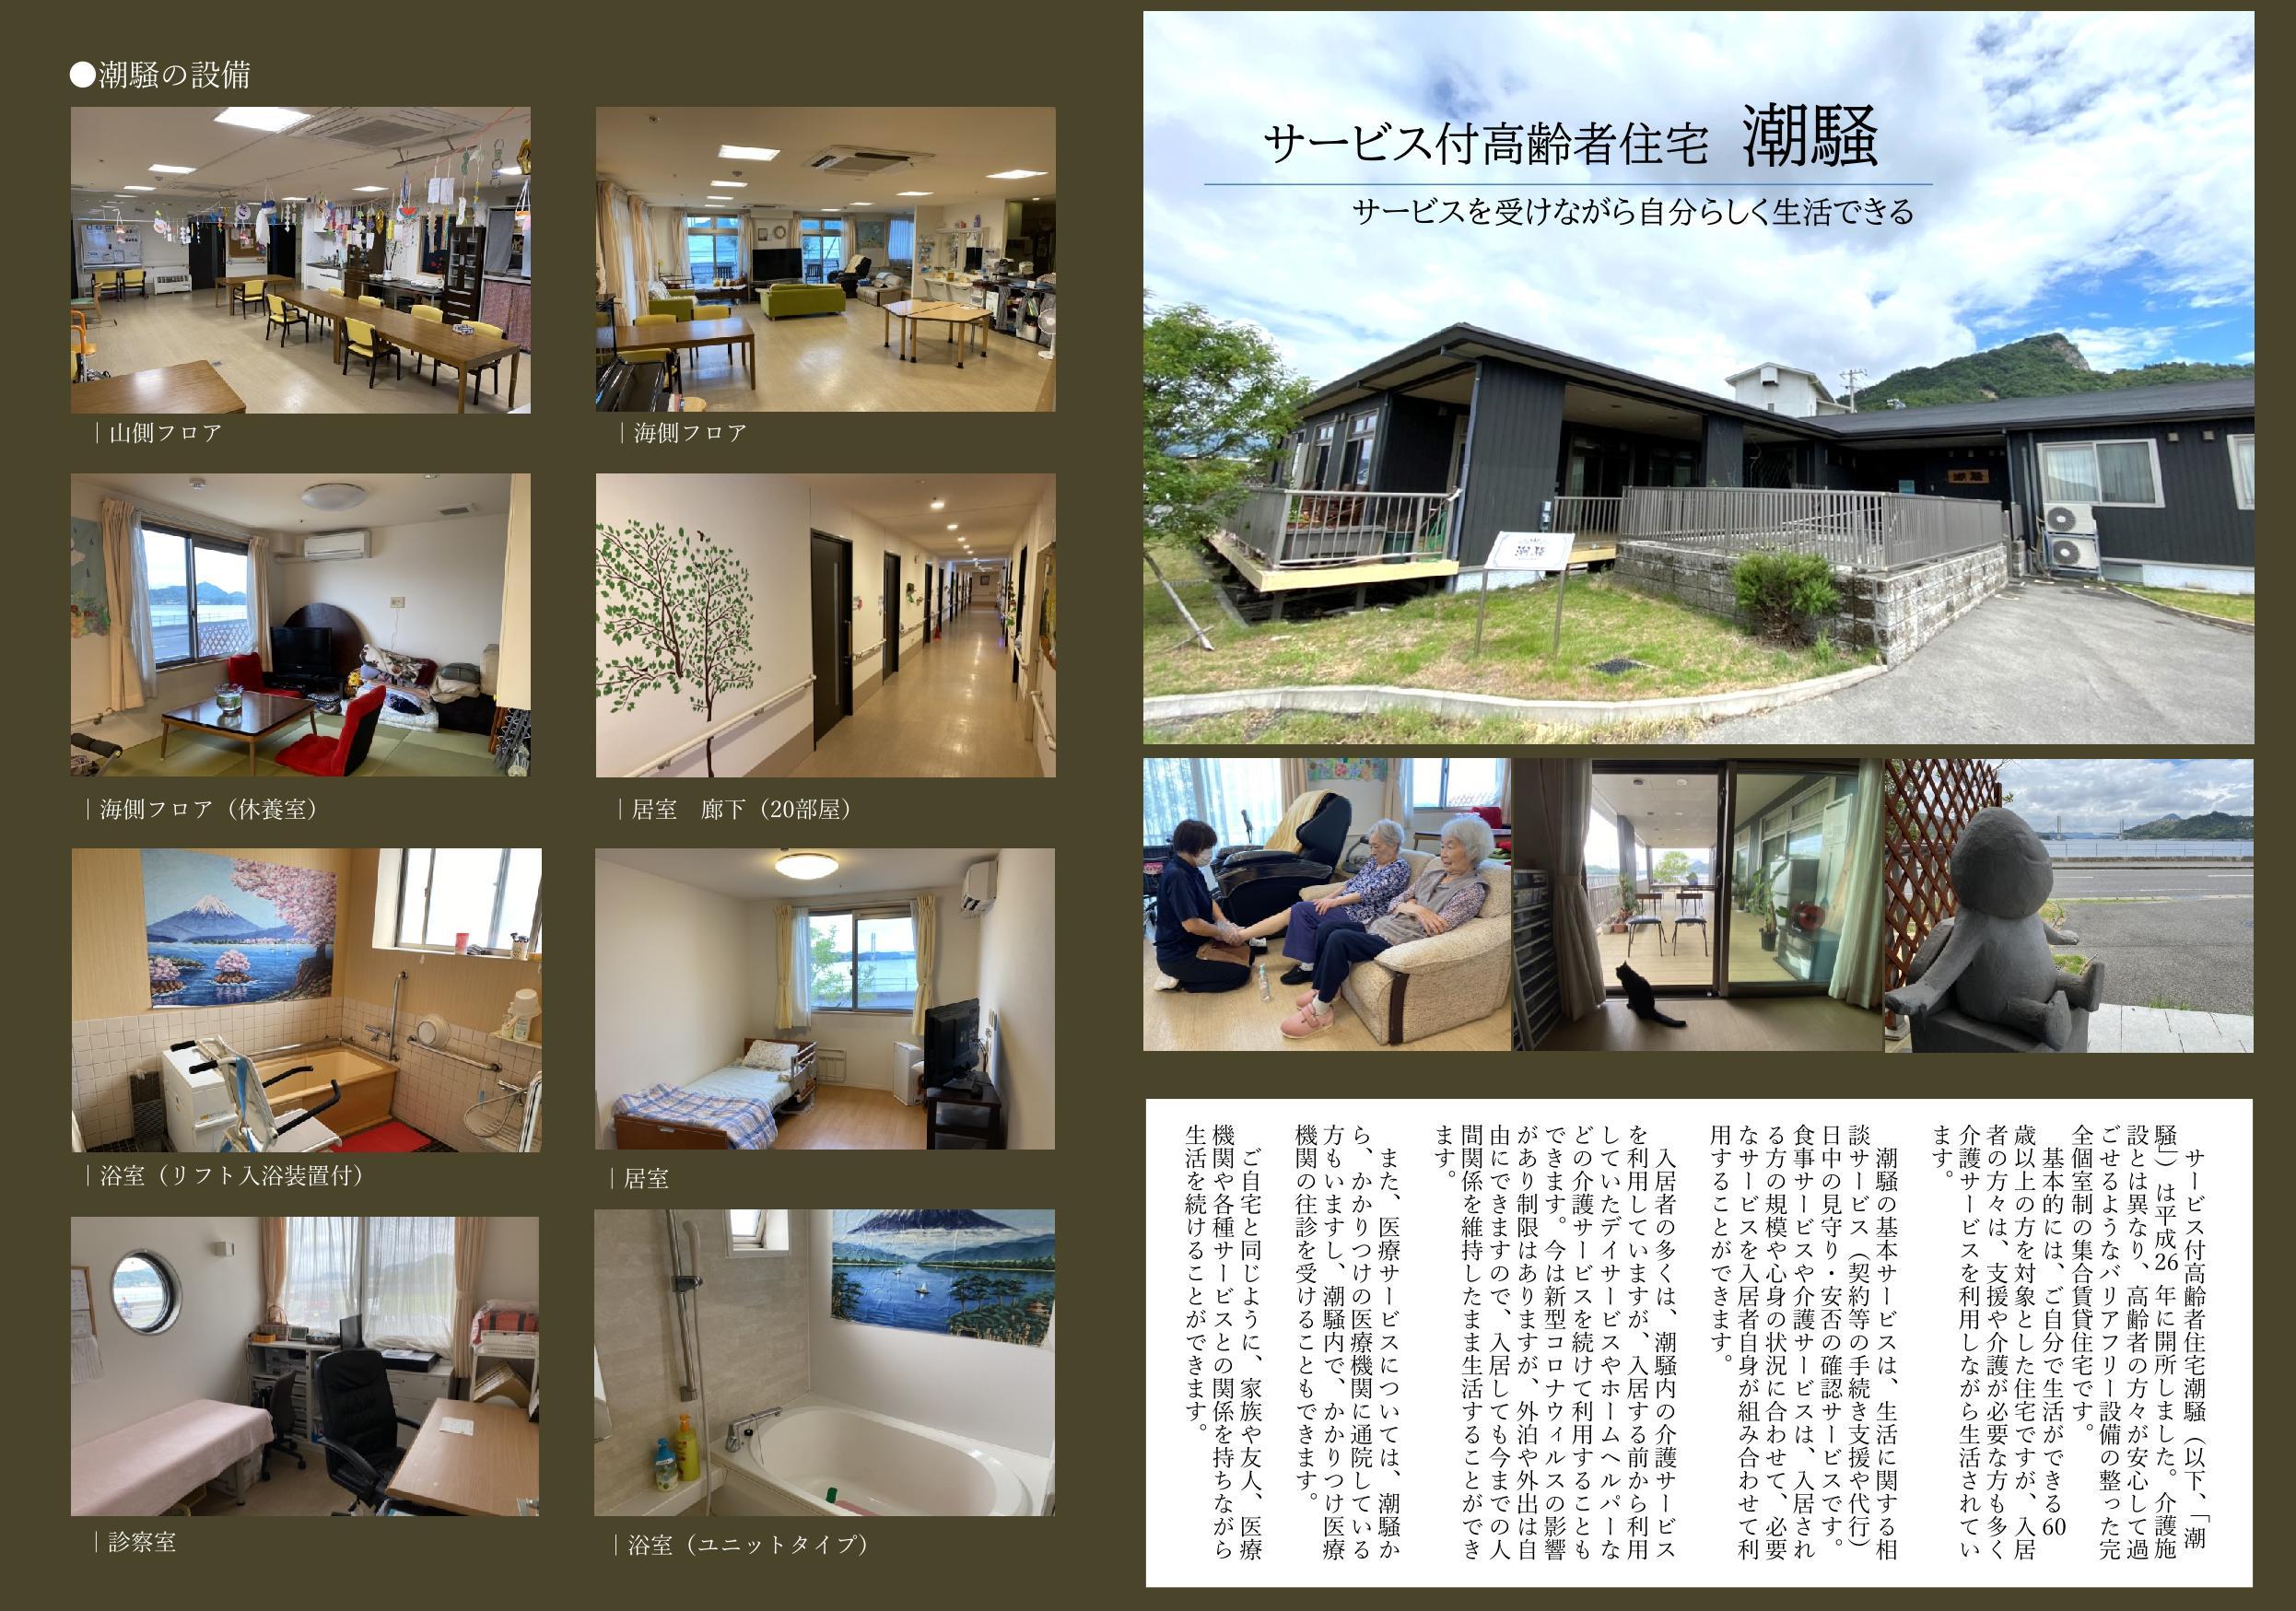 http://fukufukunokai.com/newsletter/images/8%E6%9C%88%E5%8F%B73_cropped_2.jpeg